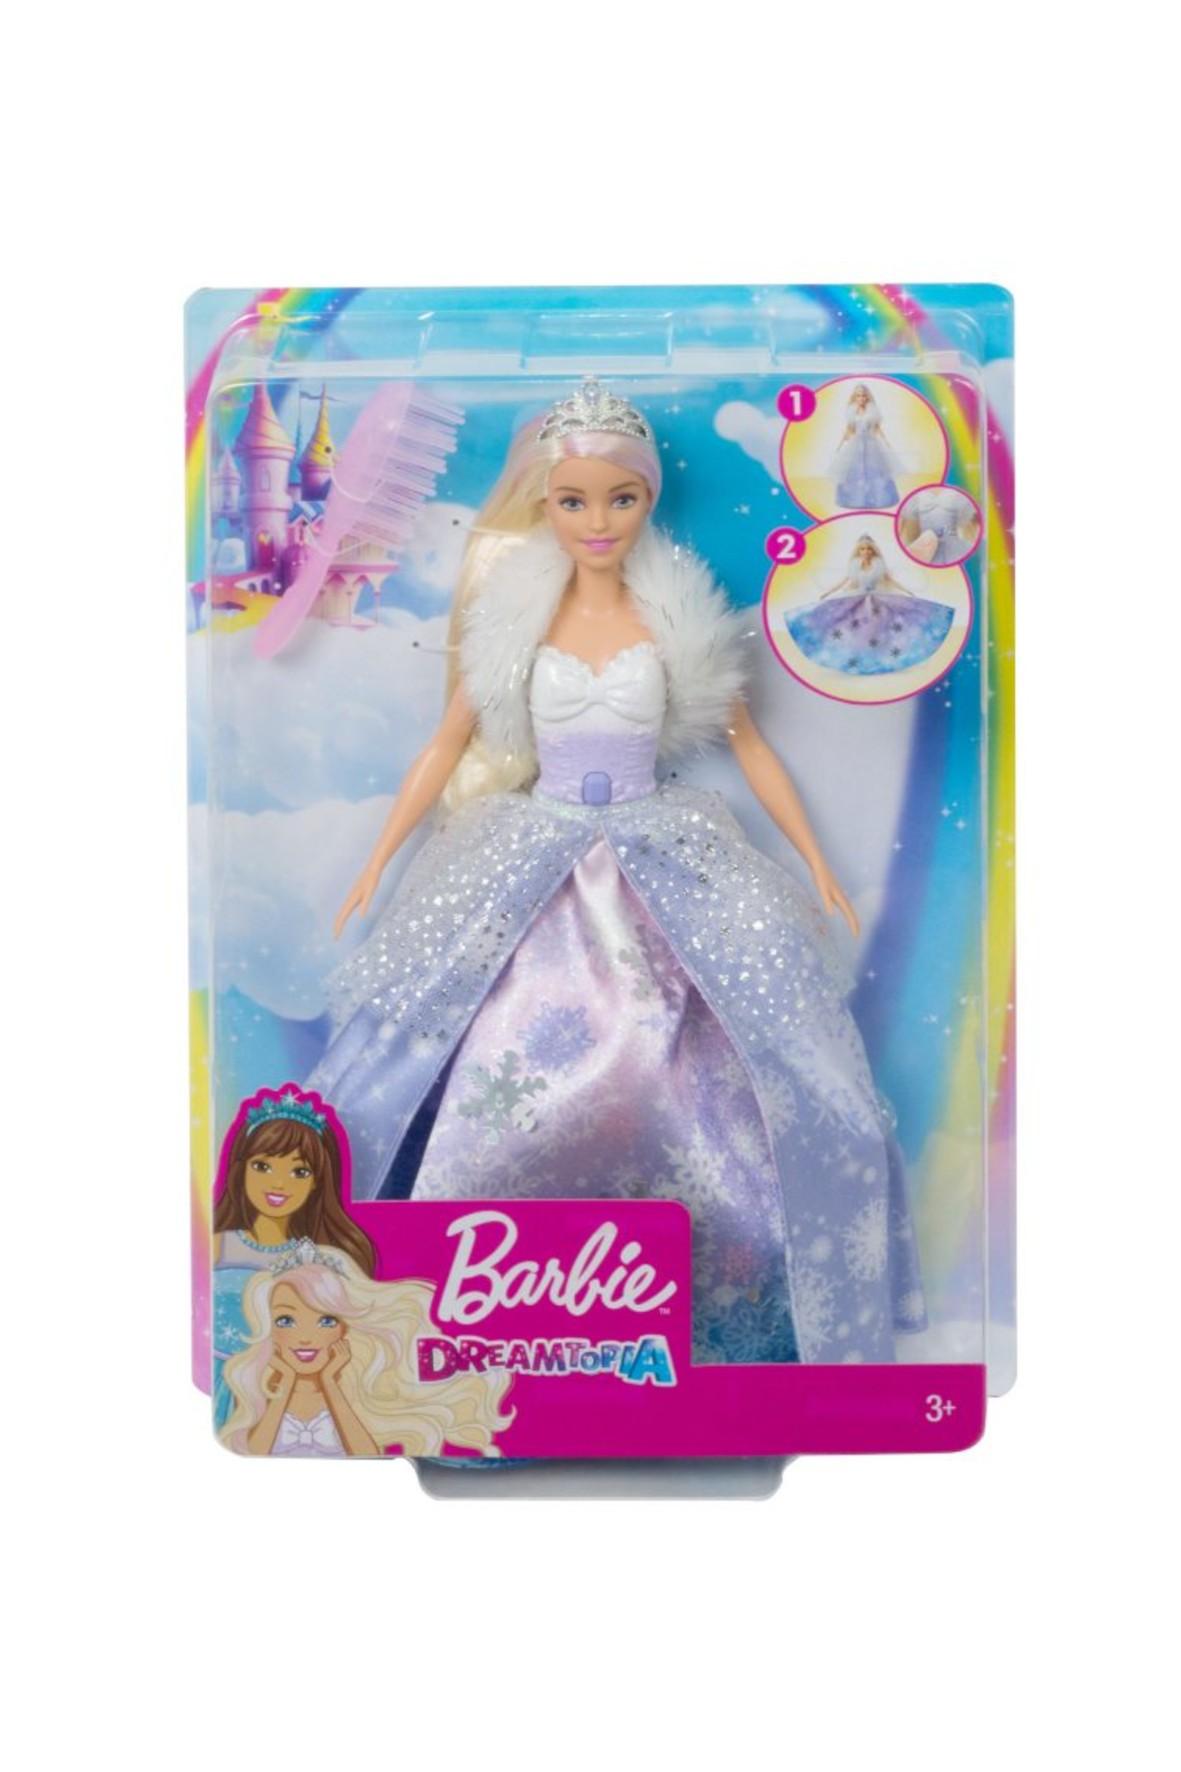 Barbie Dreamtopia - Lalka Księżniczka Lodowa Magia wiek 3+